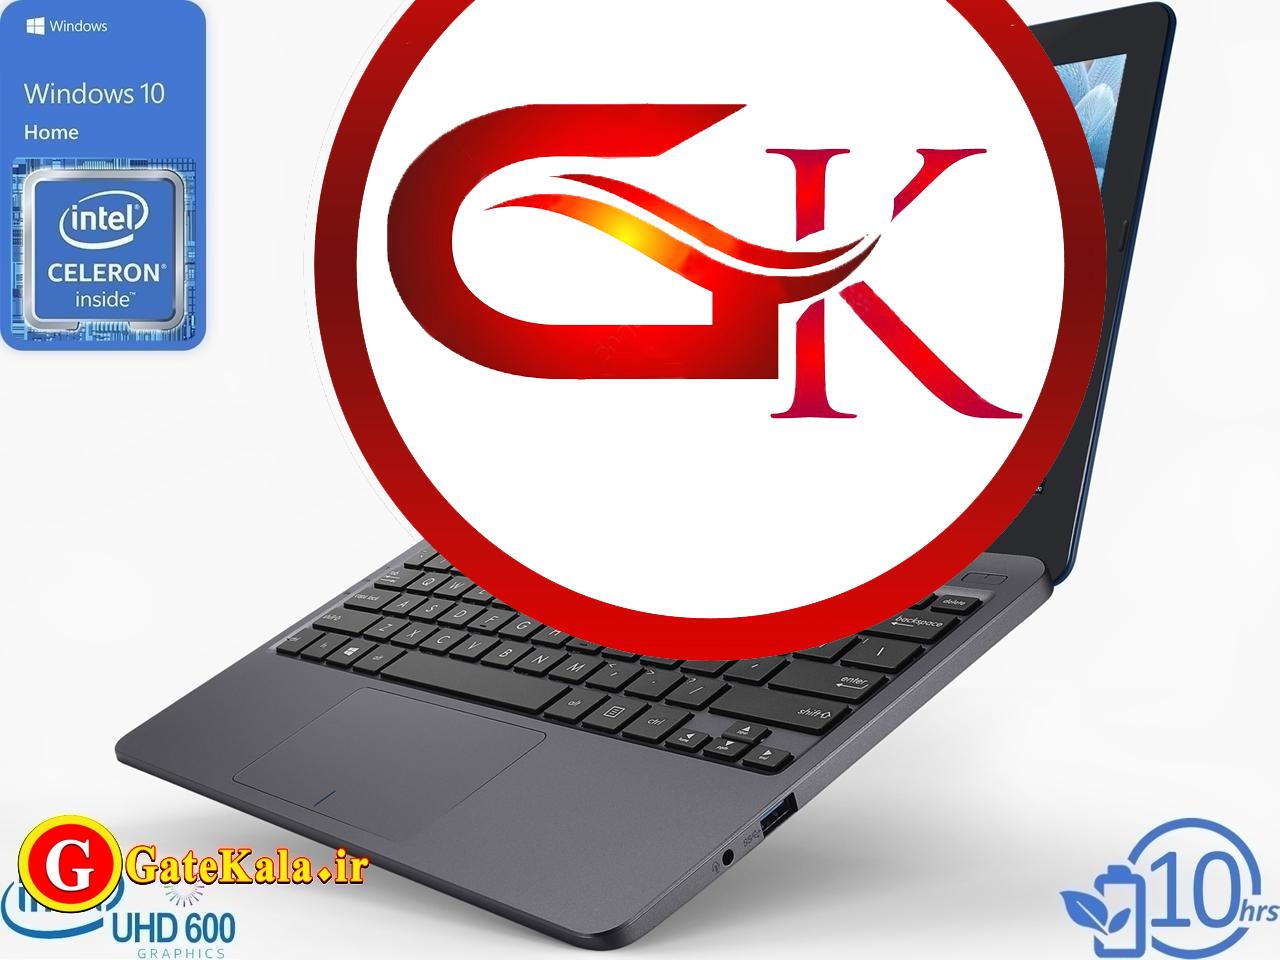 Asus L203MA | Celeron N4000 | RAM 4G | 64G eMMc | Intel HD